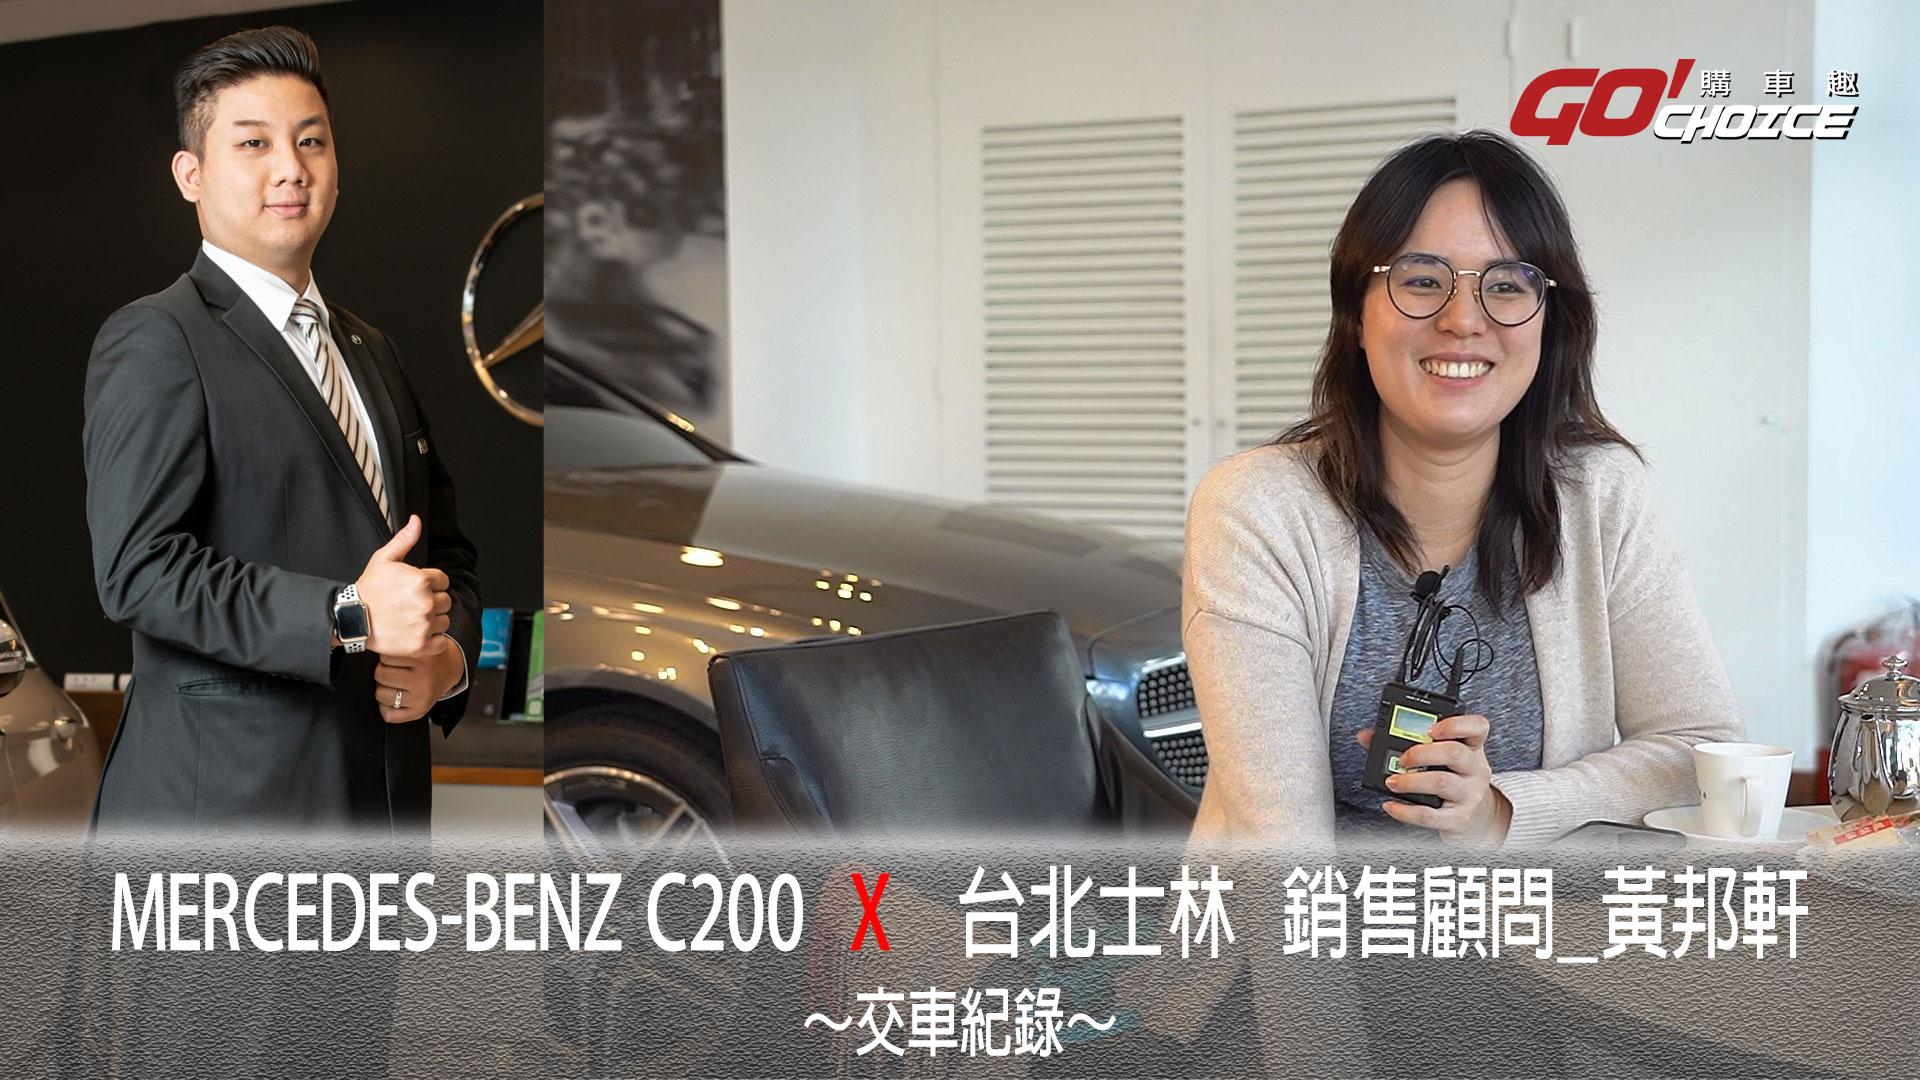 交車紀錄影片 Mercedes-Benz C200_賓士 士林 銷售顧問_黃邦軒